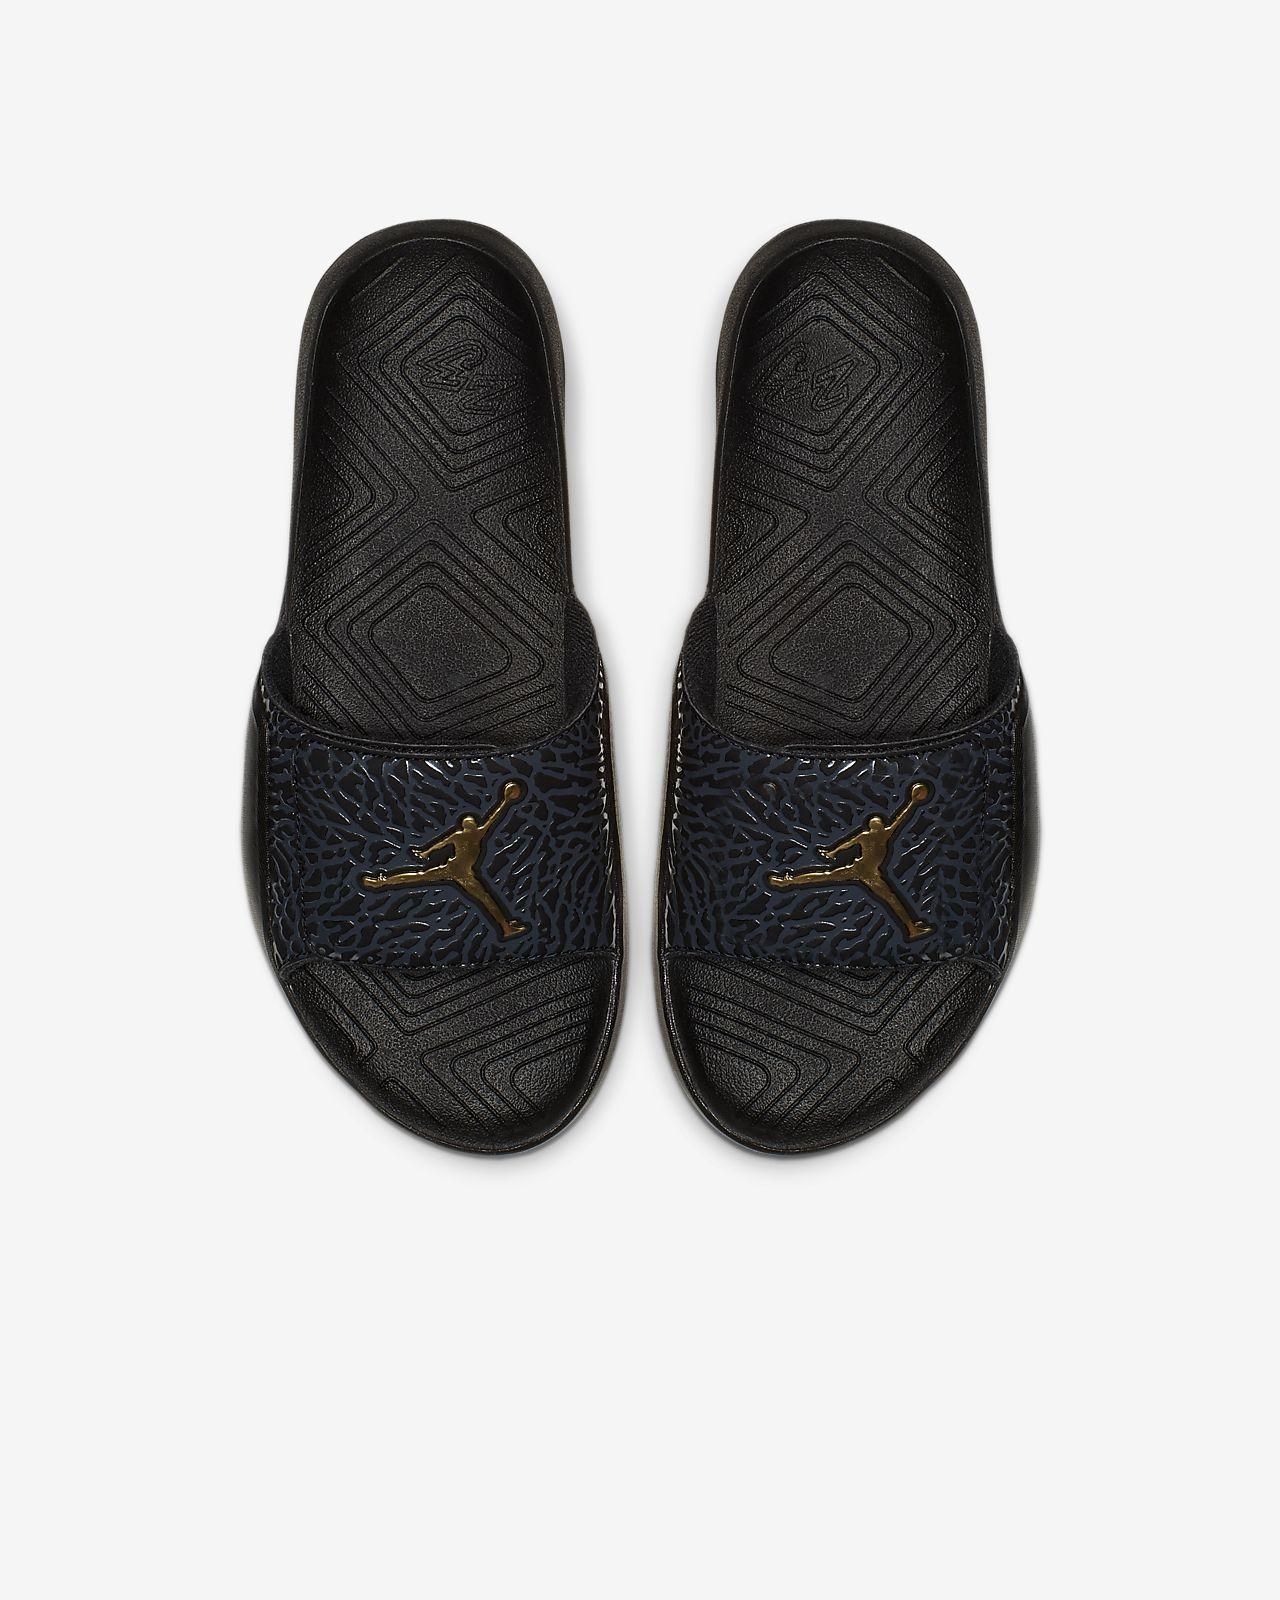 e2e0719d11b Jordan Hydro 7 V2 Slide. Nike.com